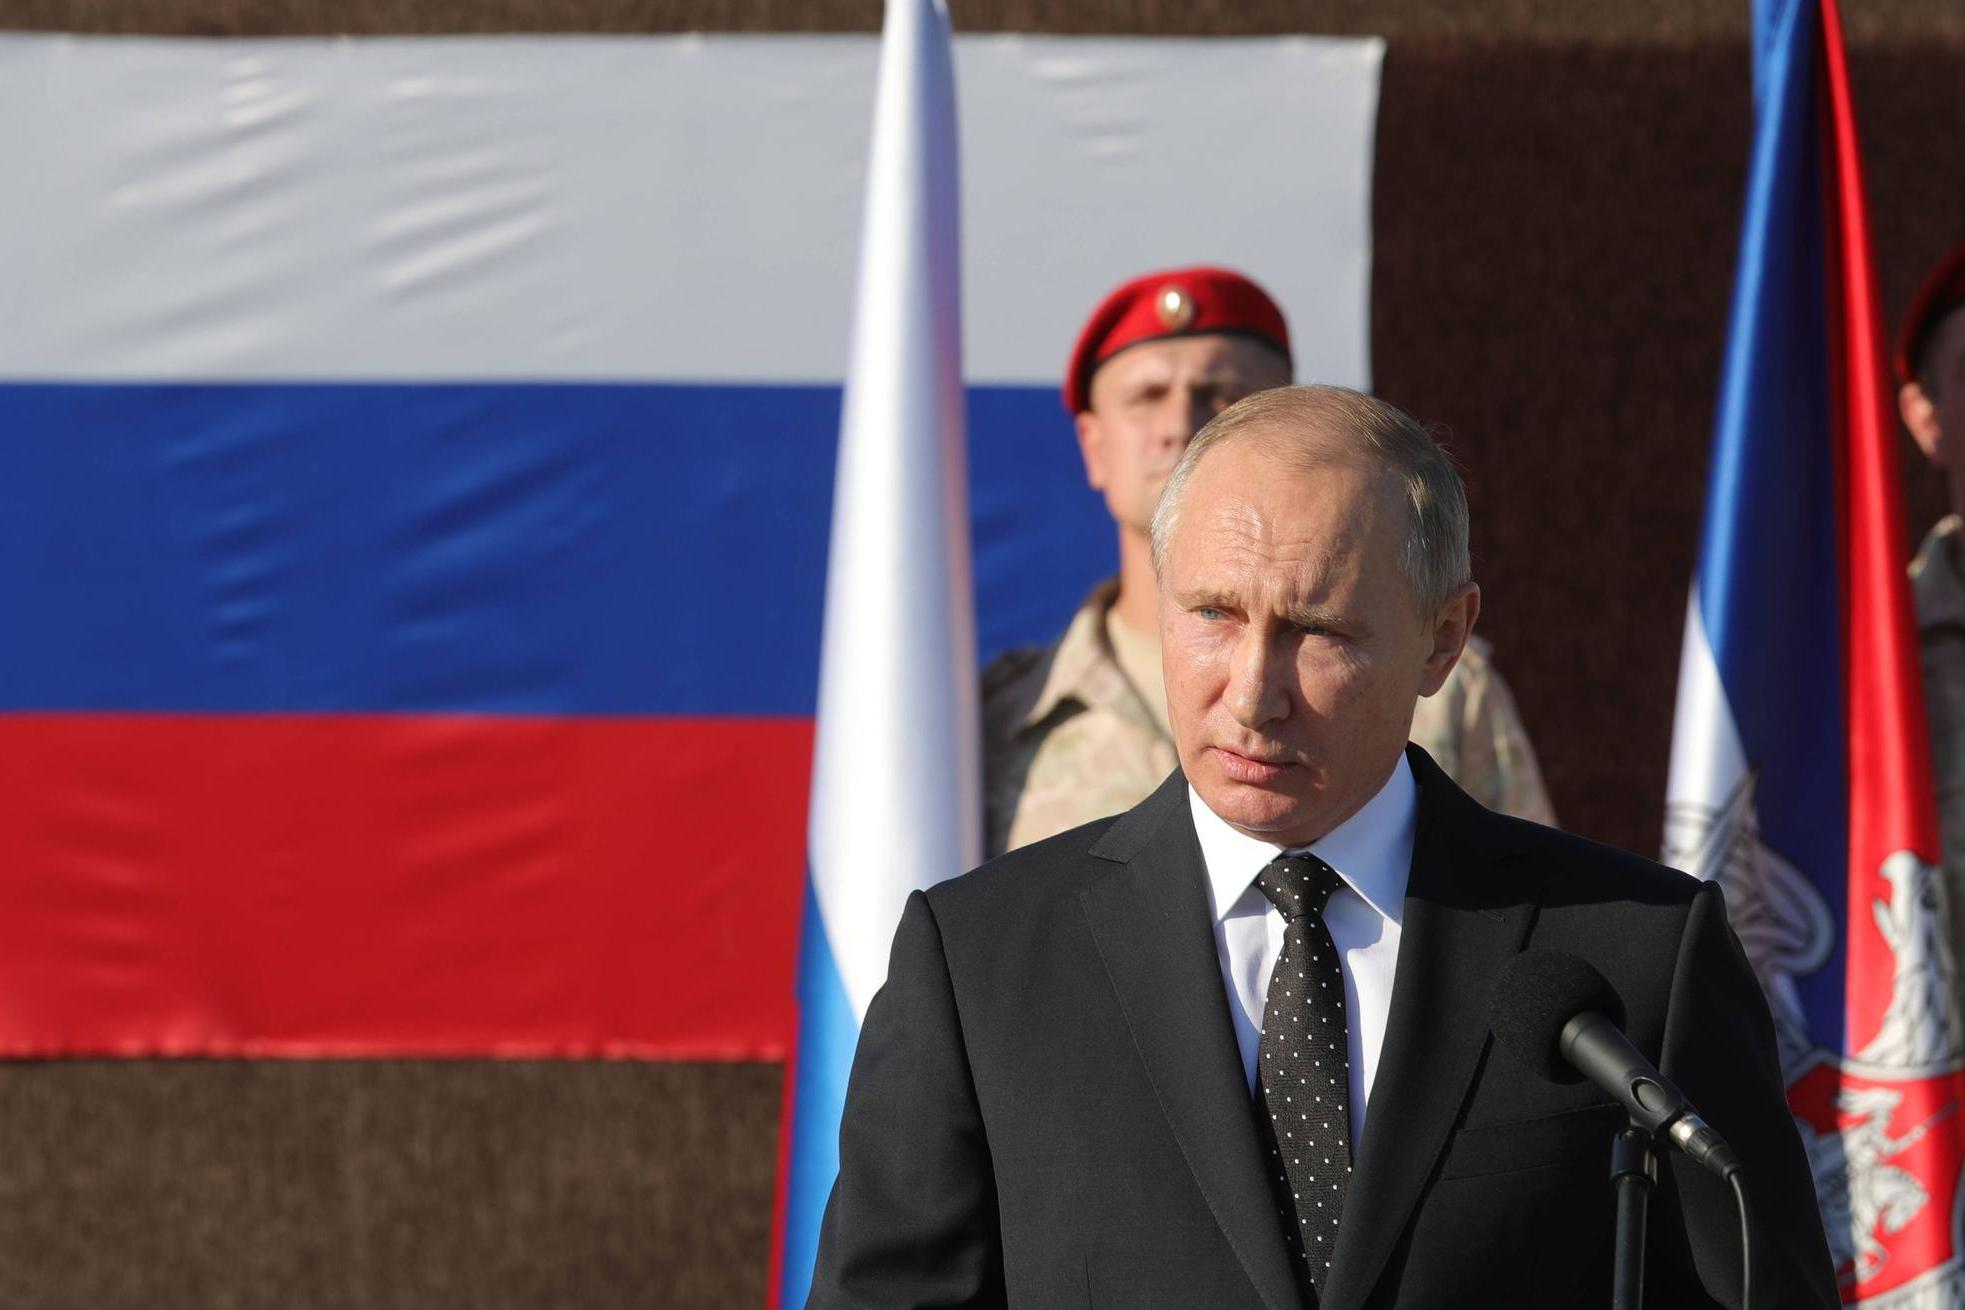 俄罗斯突然再遭背叛,S-300核心机密将被泄,以色列或在中东无敌